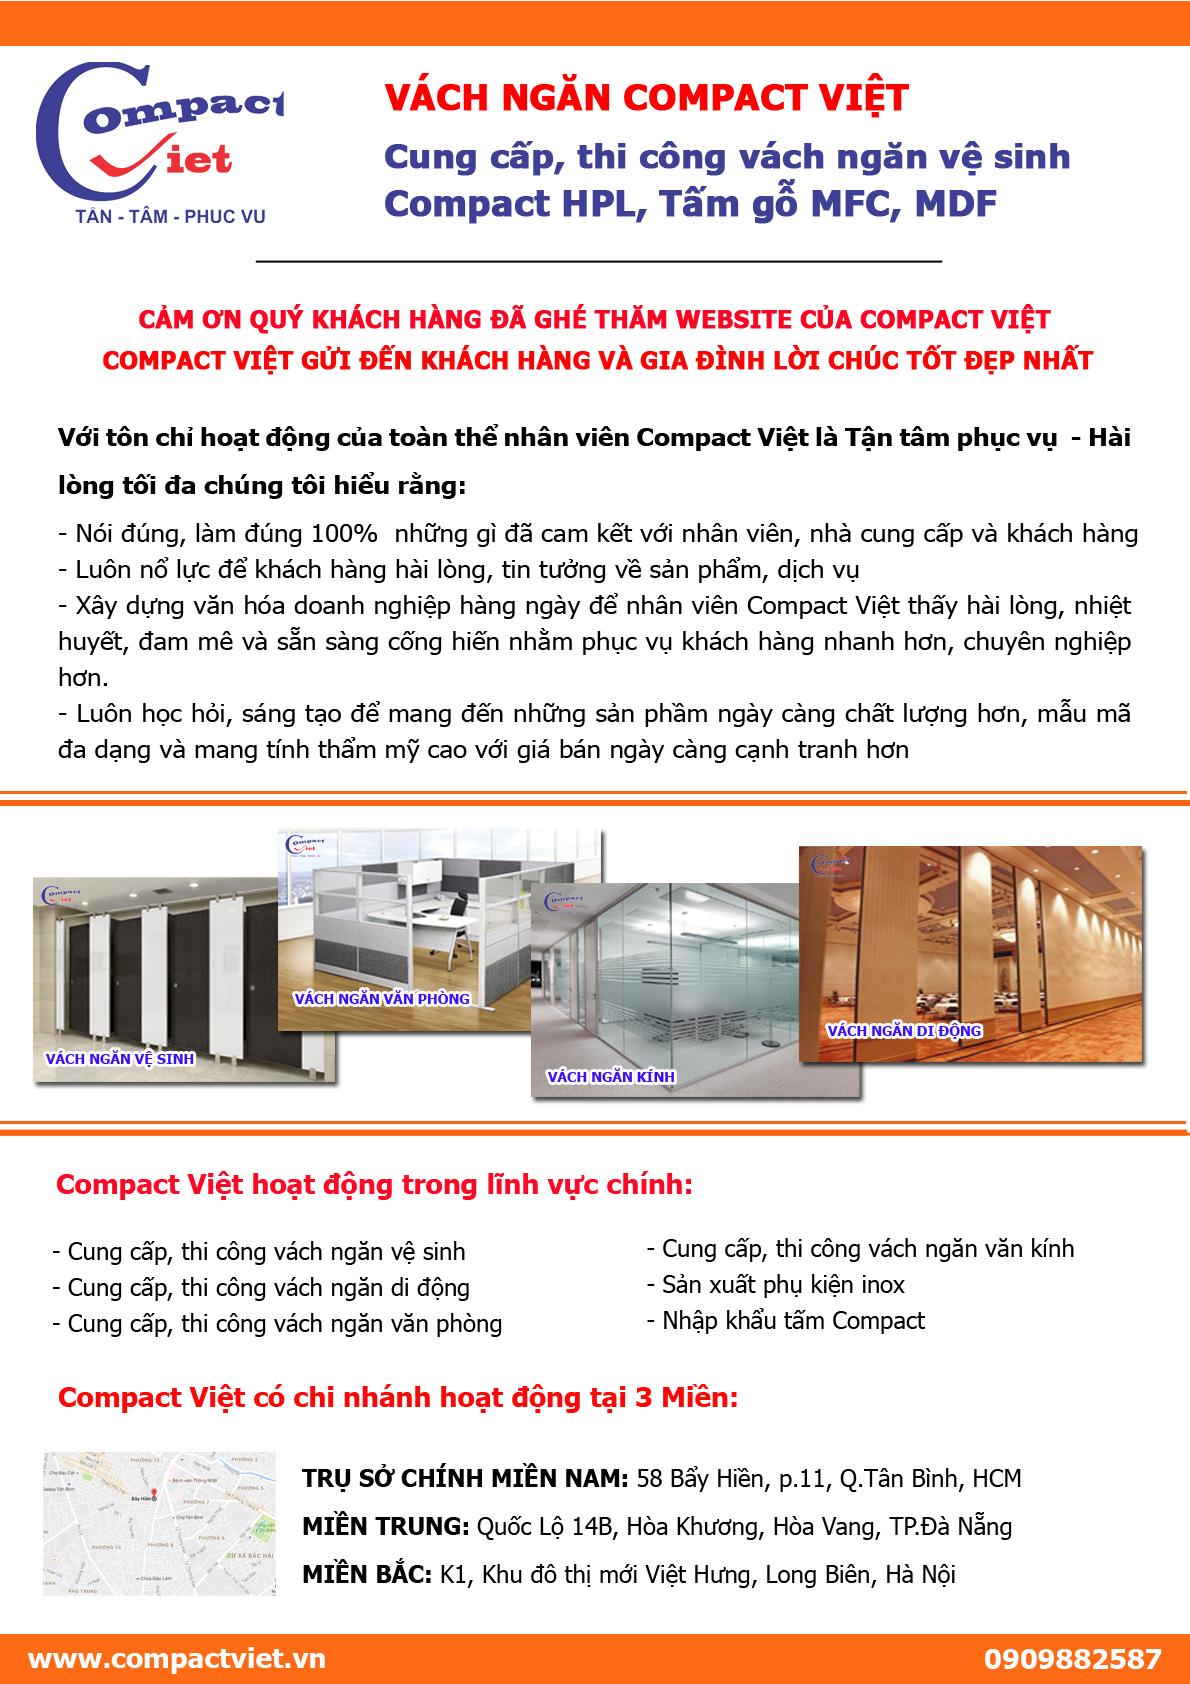 Tổng quan vách ngăn Compact Việt 1